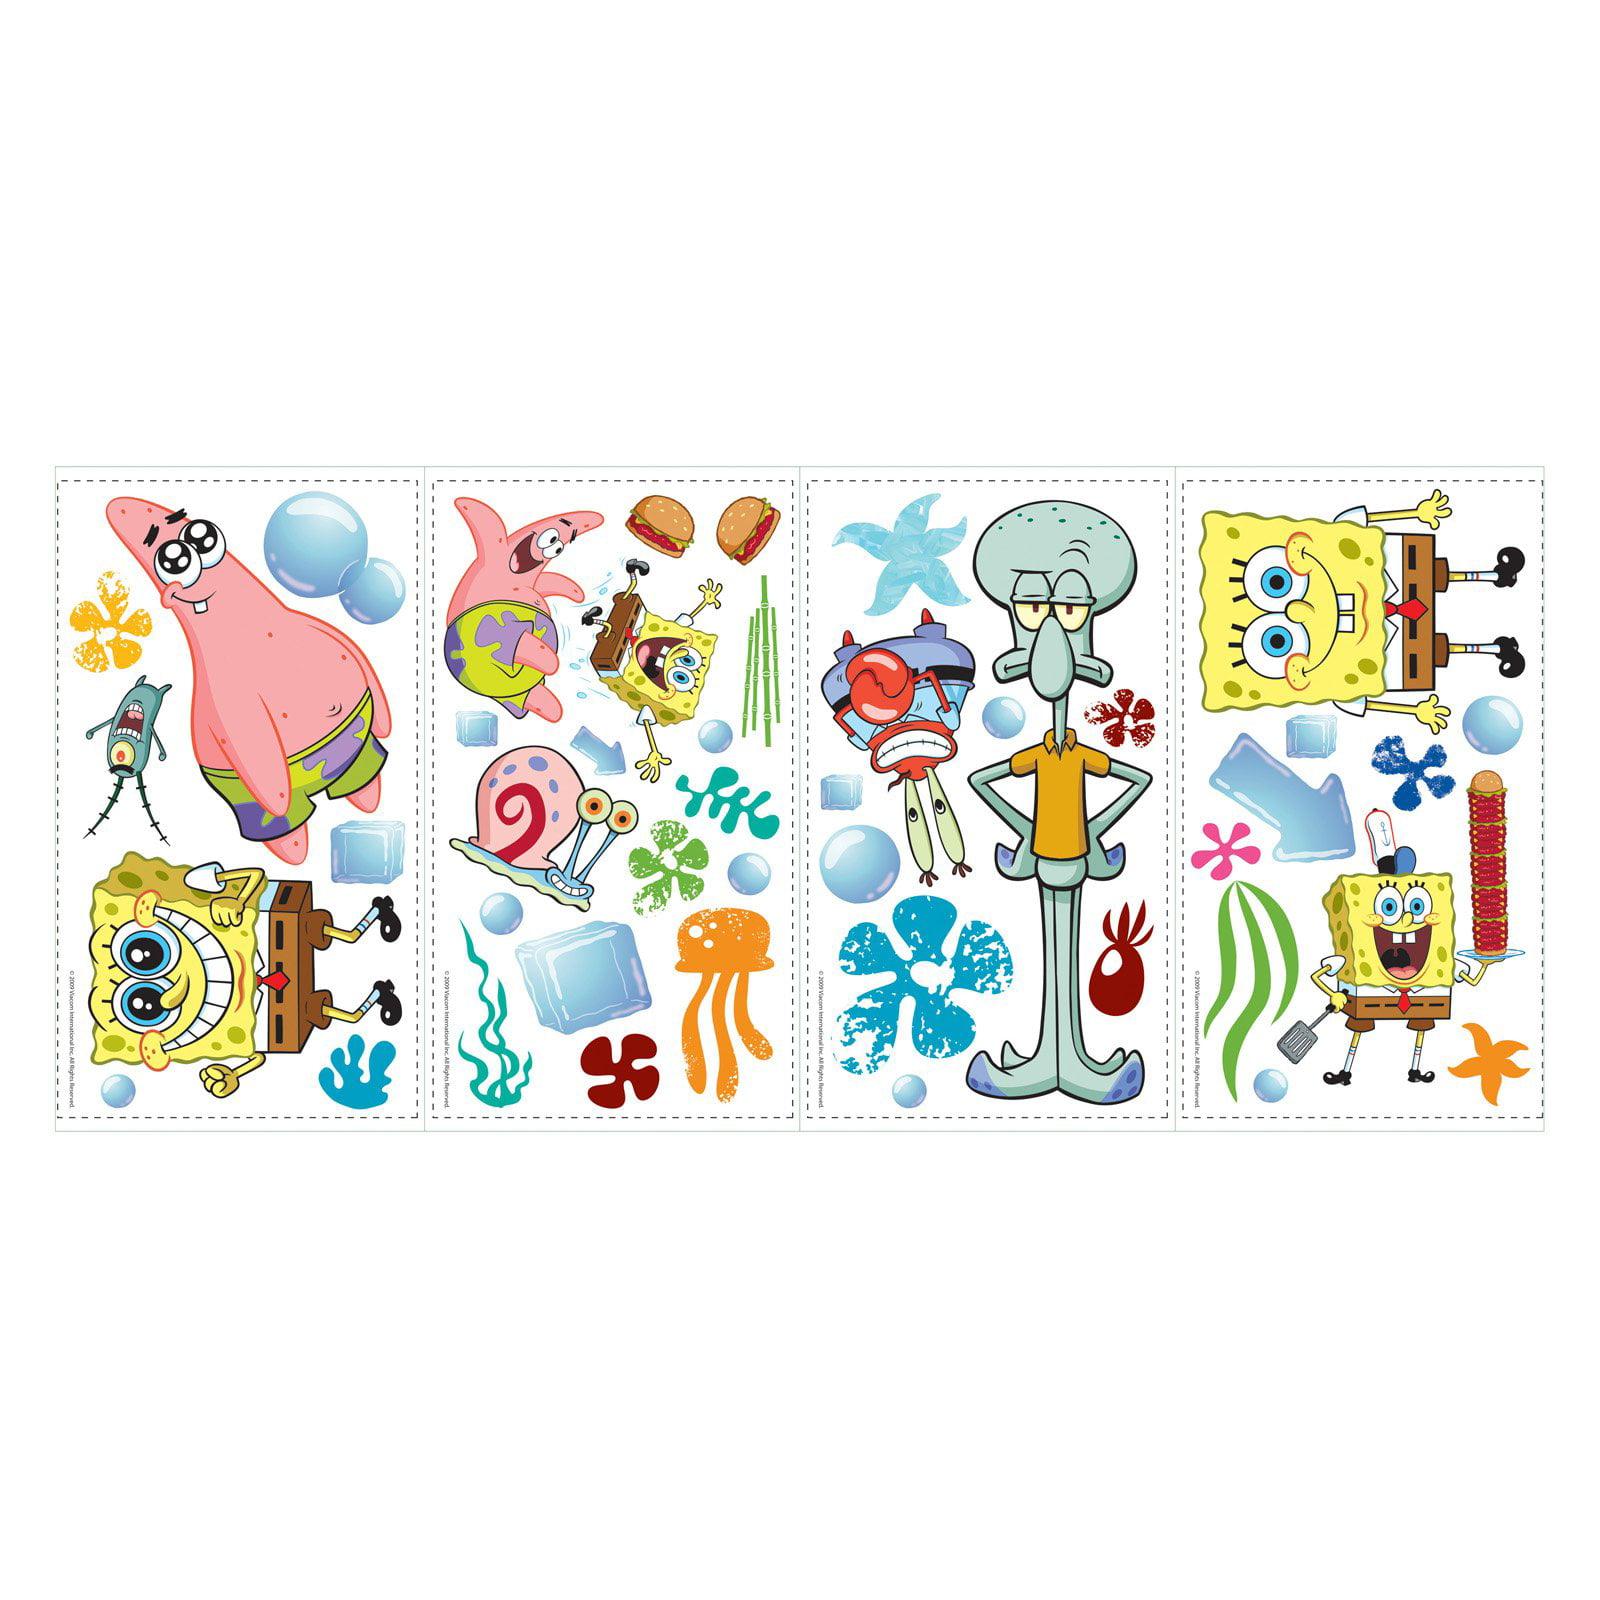 RoomMates SpongeBob SquarePants Peel and Stick Wall Decals - Walmart.com